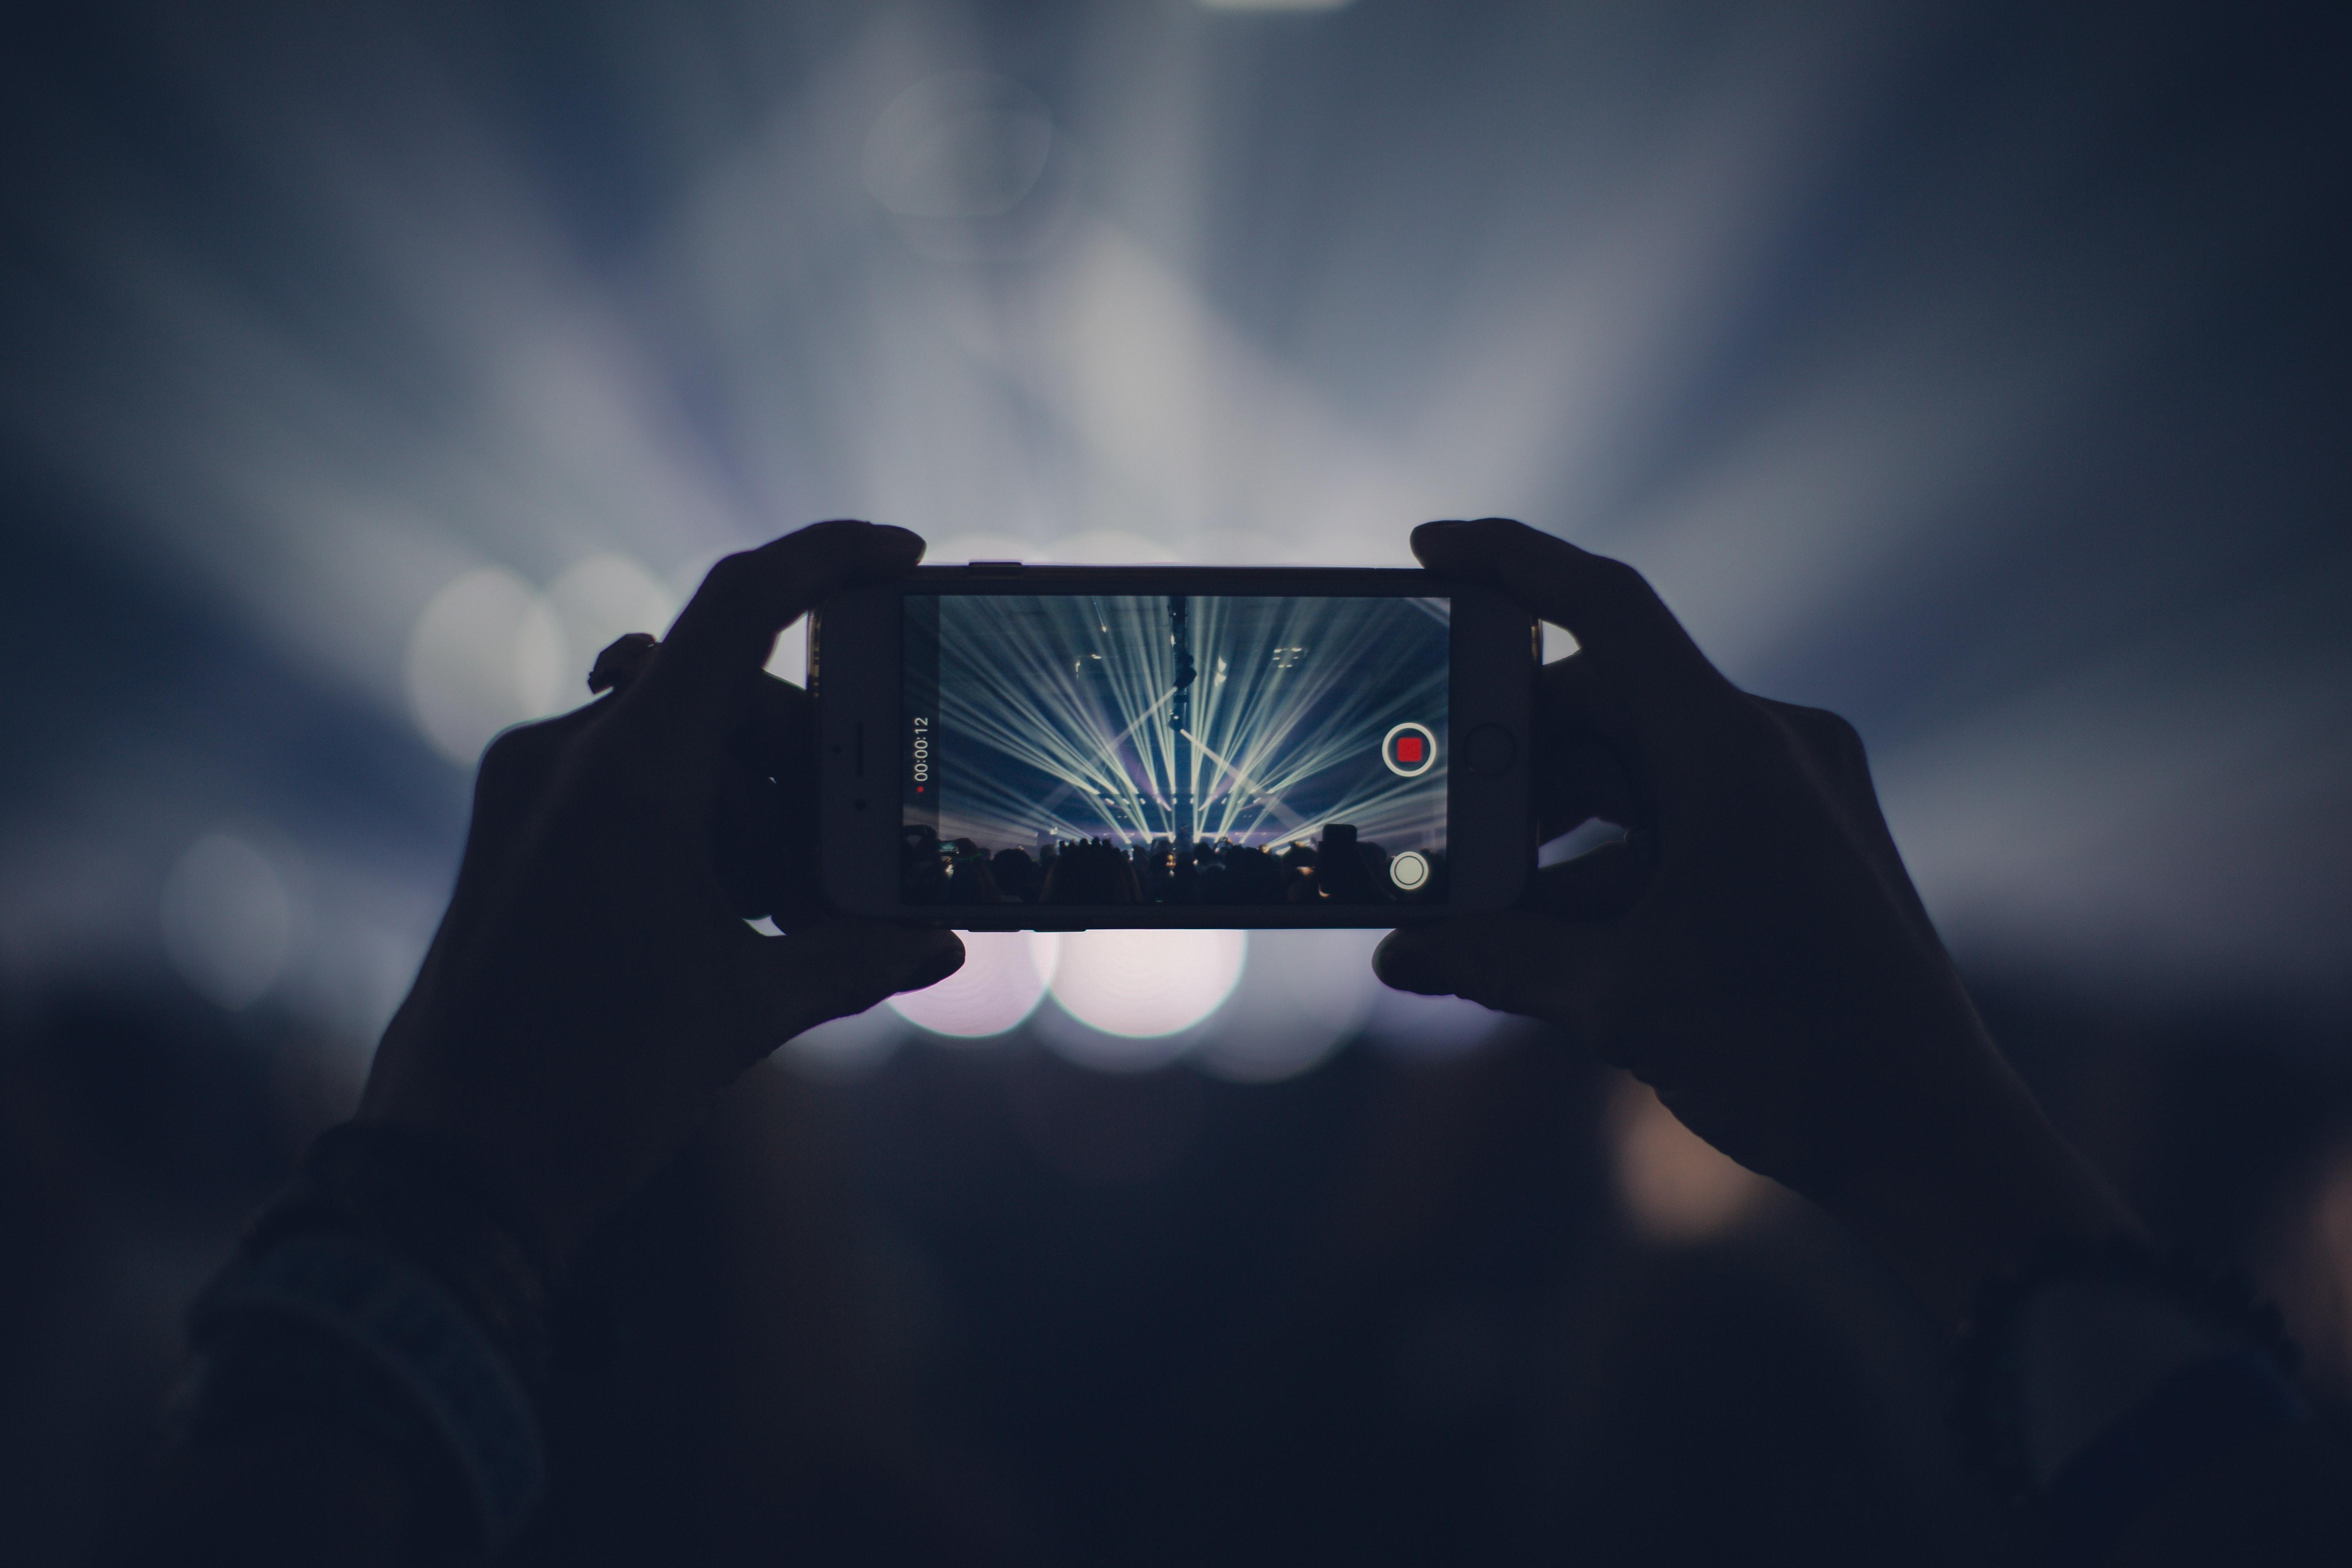 2018 ble det første året da smarttelefonsalget opplevde nedgang i samtlige kvartal.